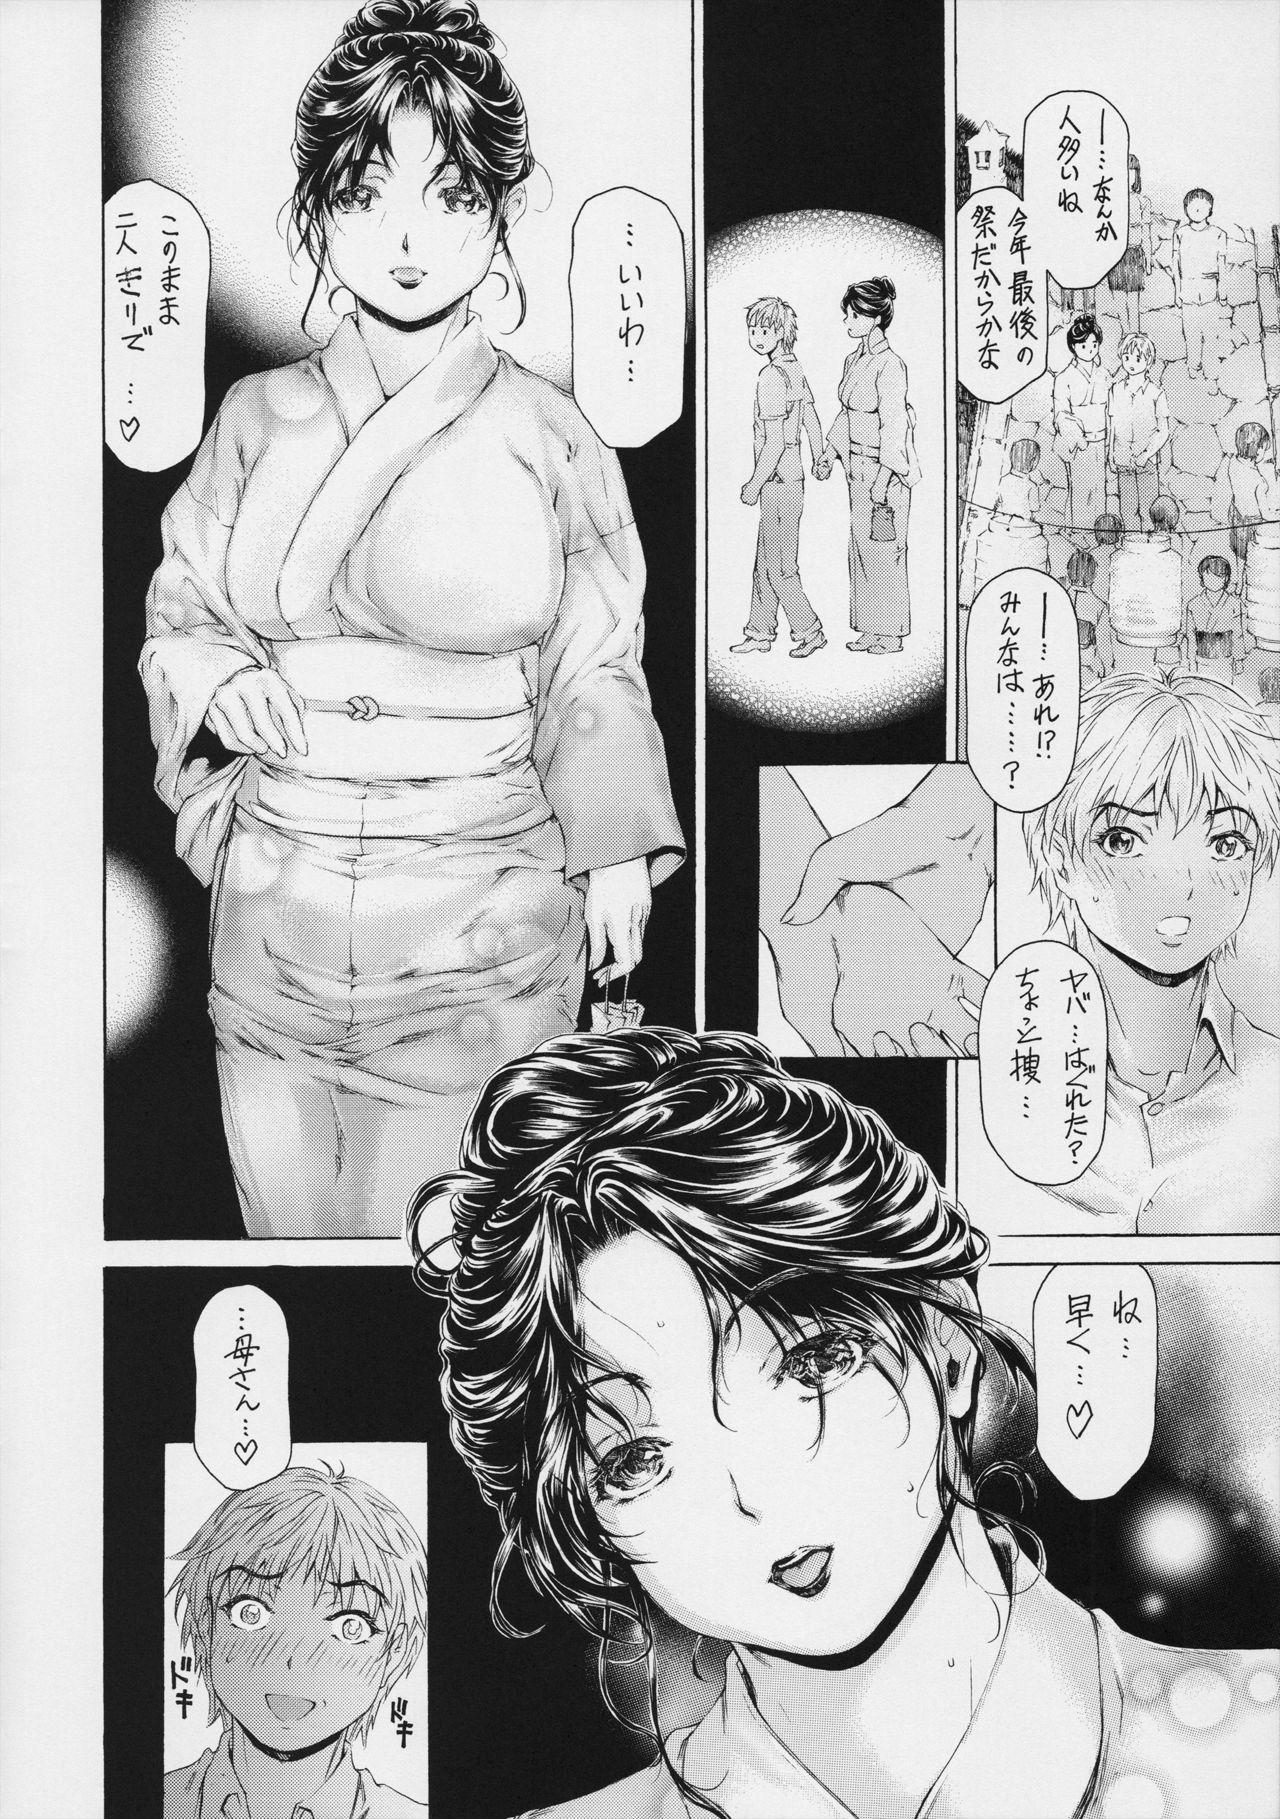 (COMIC1☆11) [Subesube 1kg (Narita Kyousha)] 9-Ji Kara 5-ji Made no Koibito Dai 9 wa - Nine to Five Lover 11